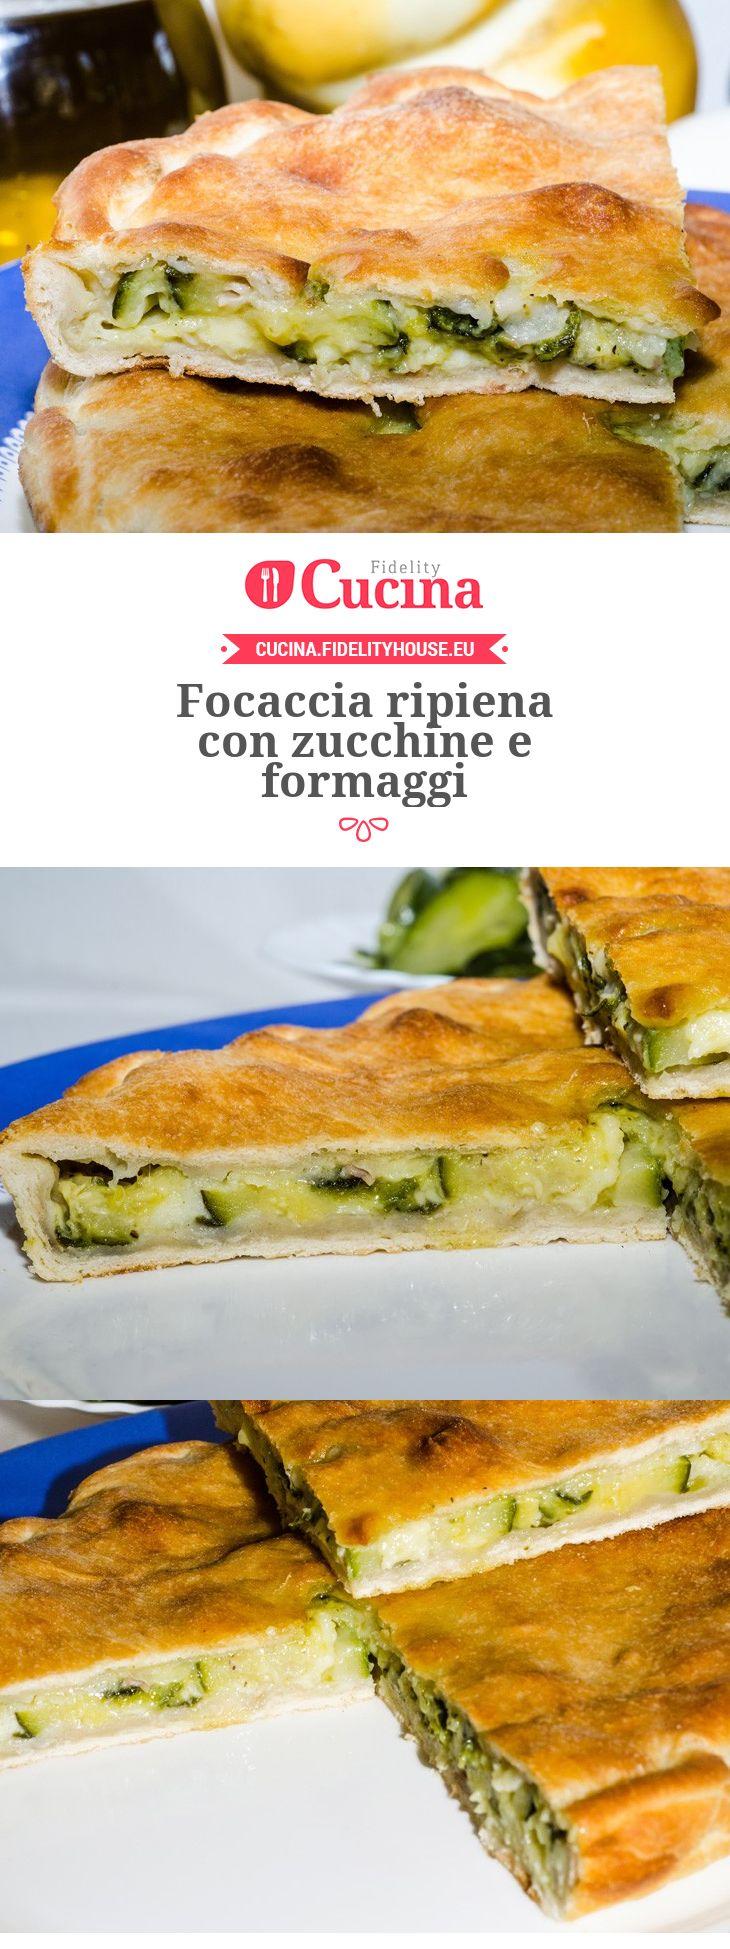 #Focaccia ripiena con #zucchine e #formaggi